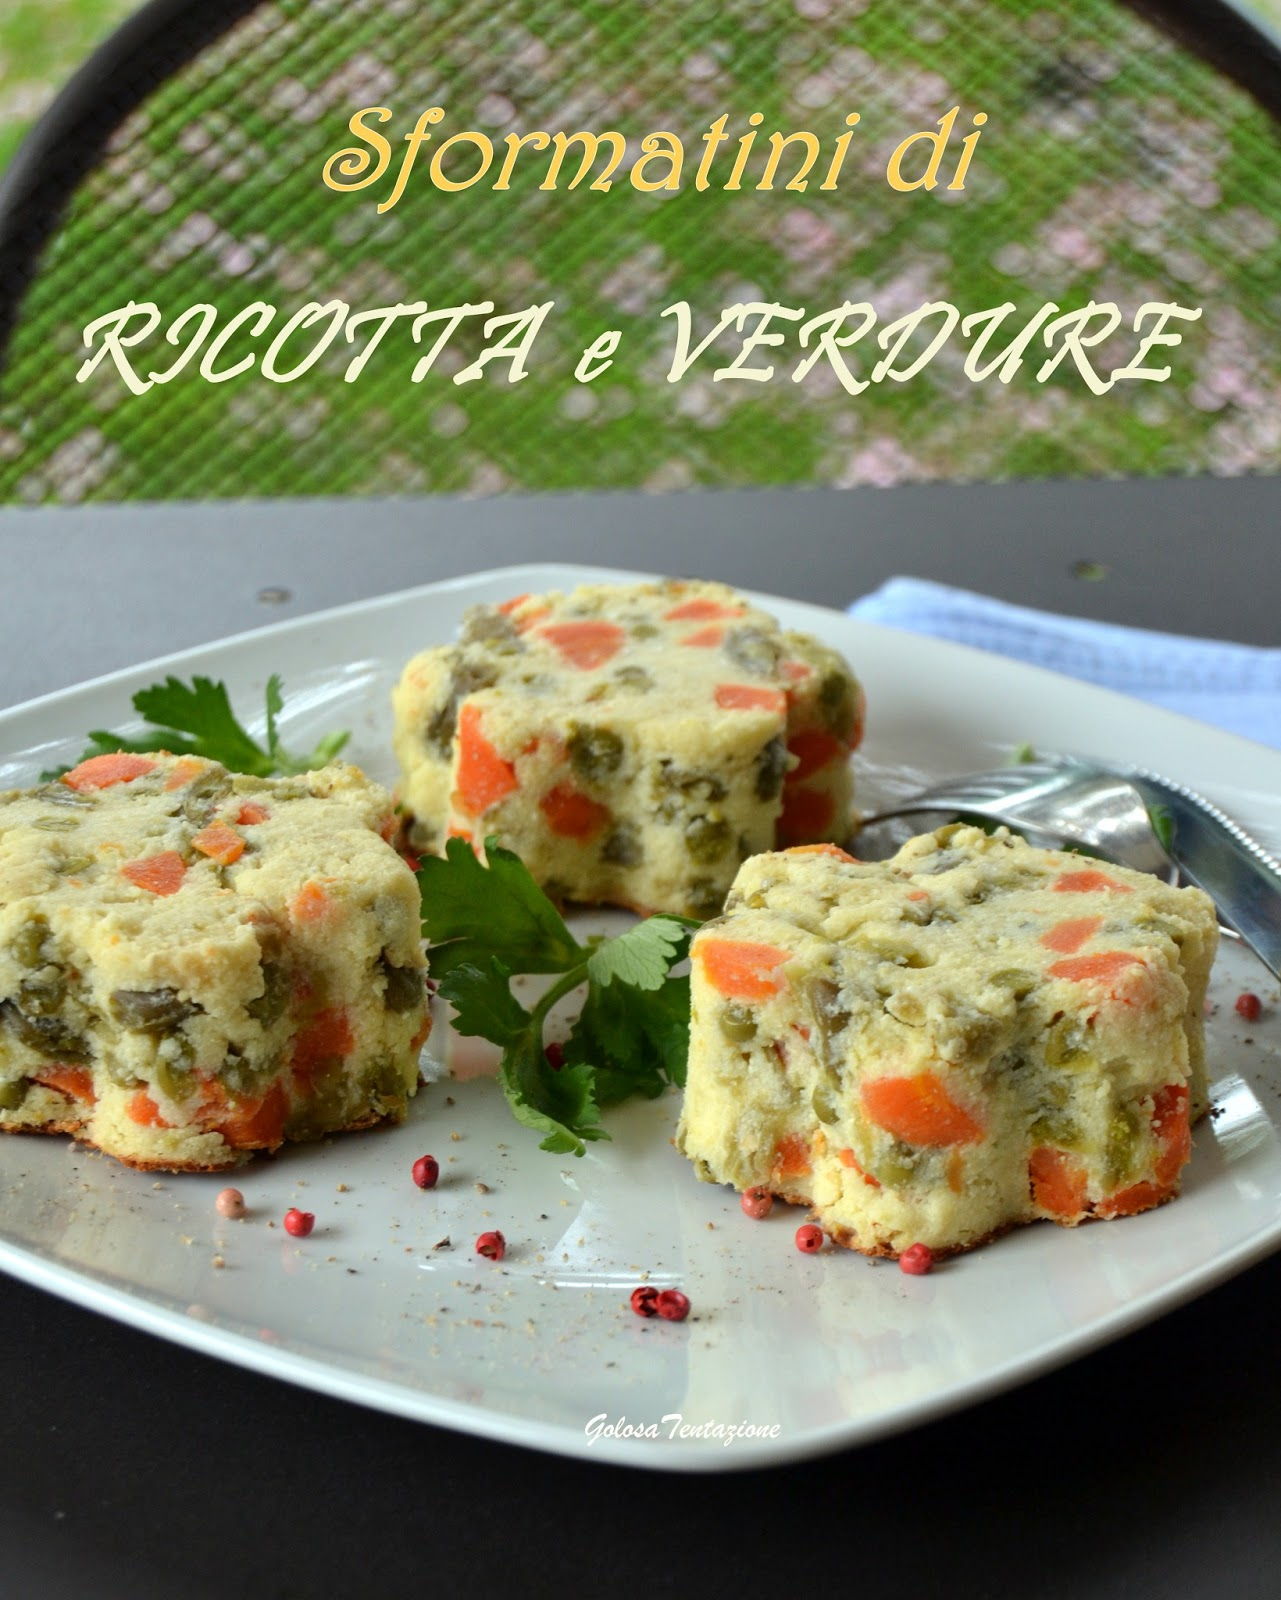 Sformatini di ricotta e verdure